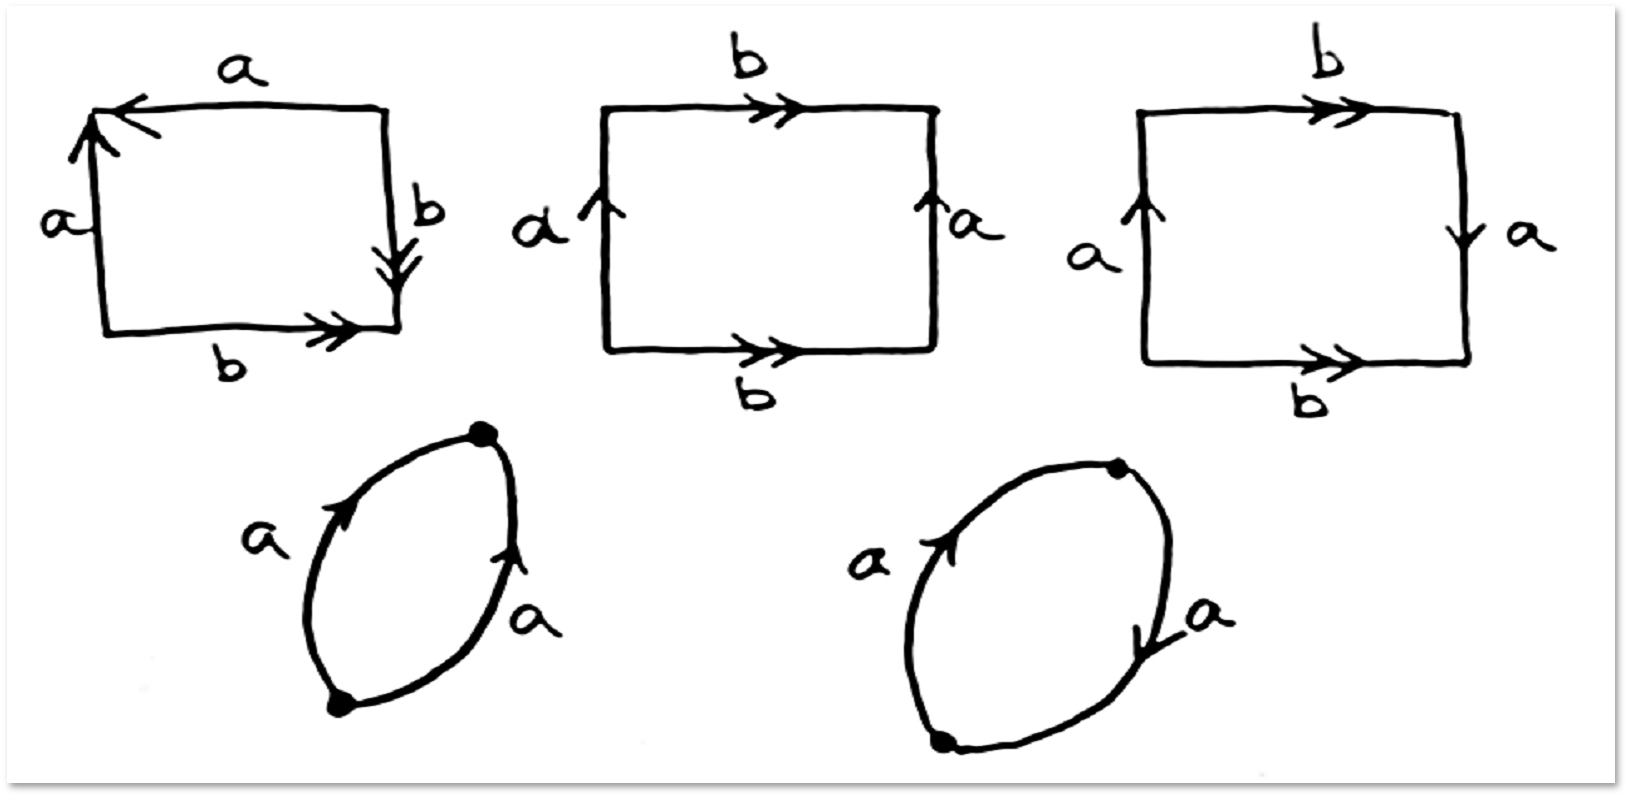 Математика: О гипотезе Пуанкаре. Лекция в Яндексе